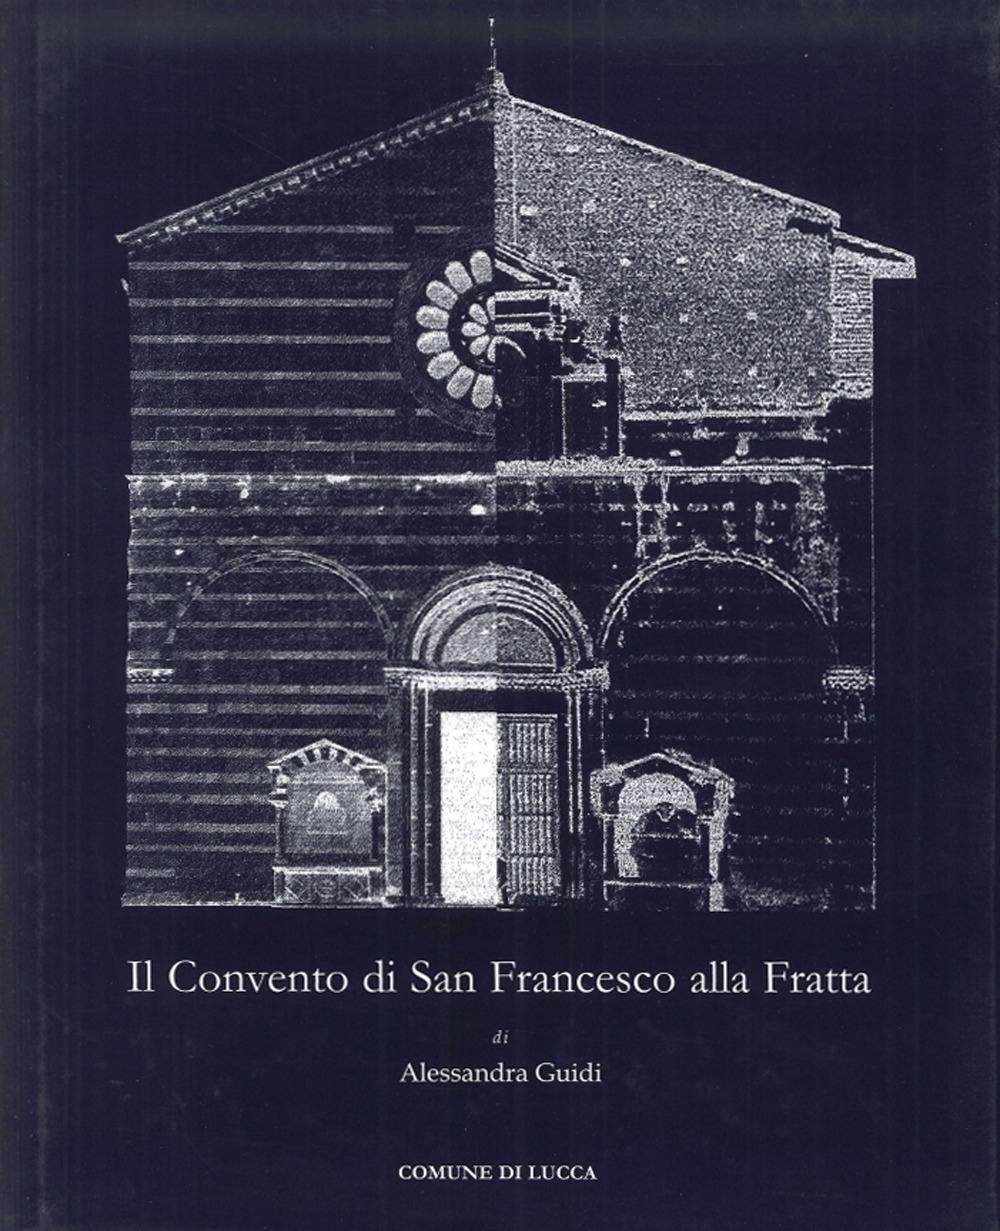 Il convento di San Francesco alla Fratta.